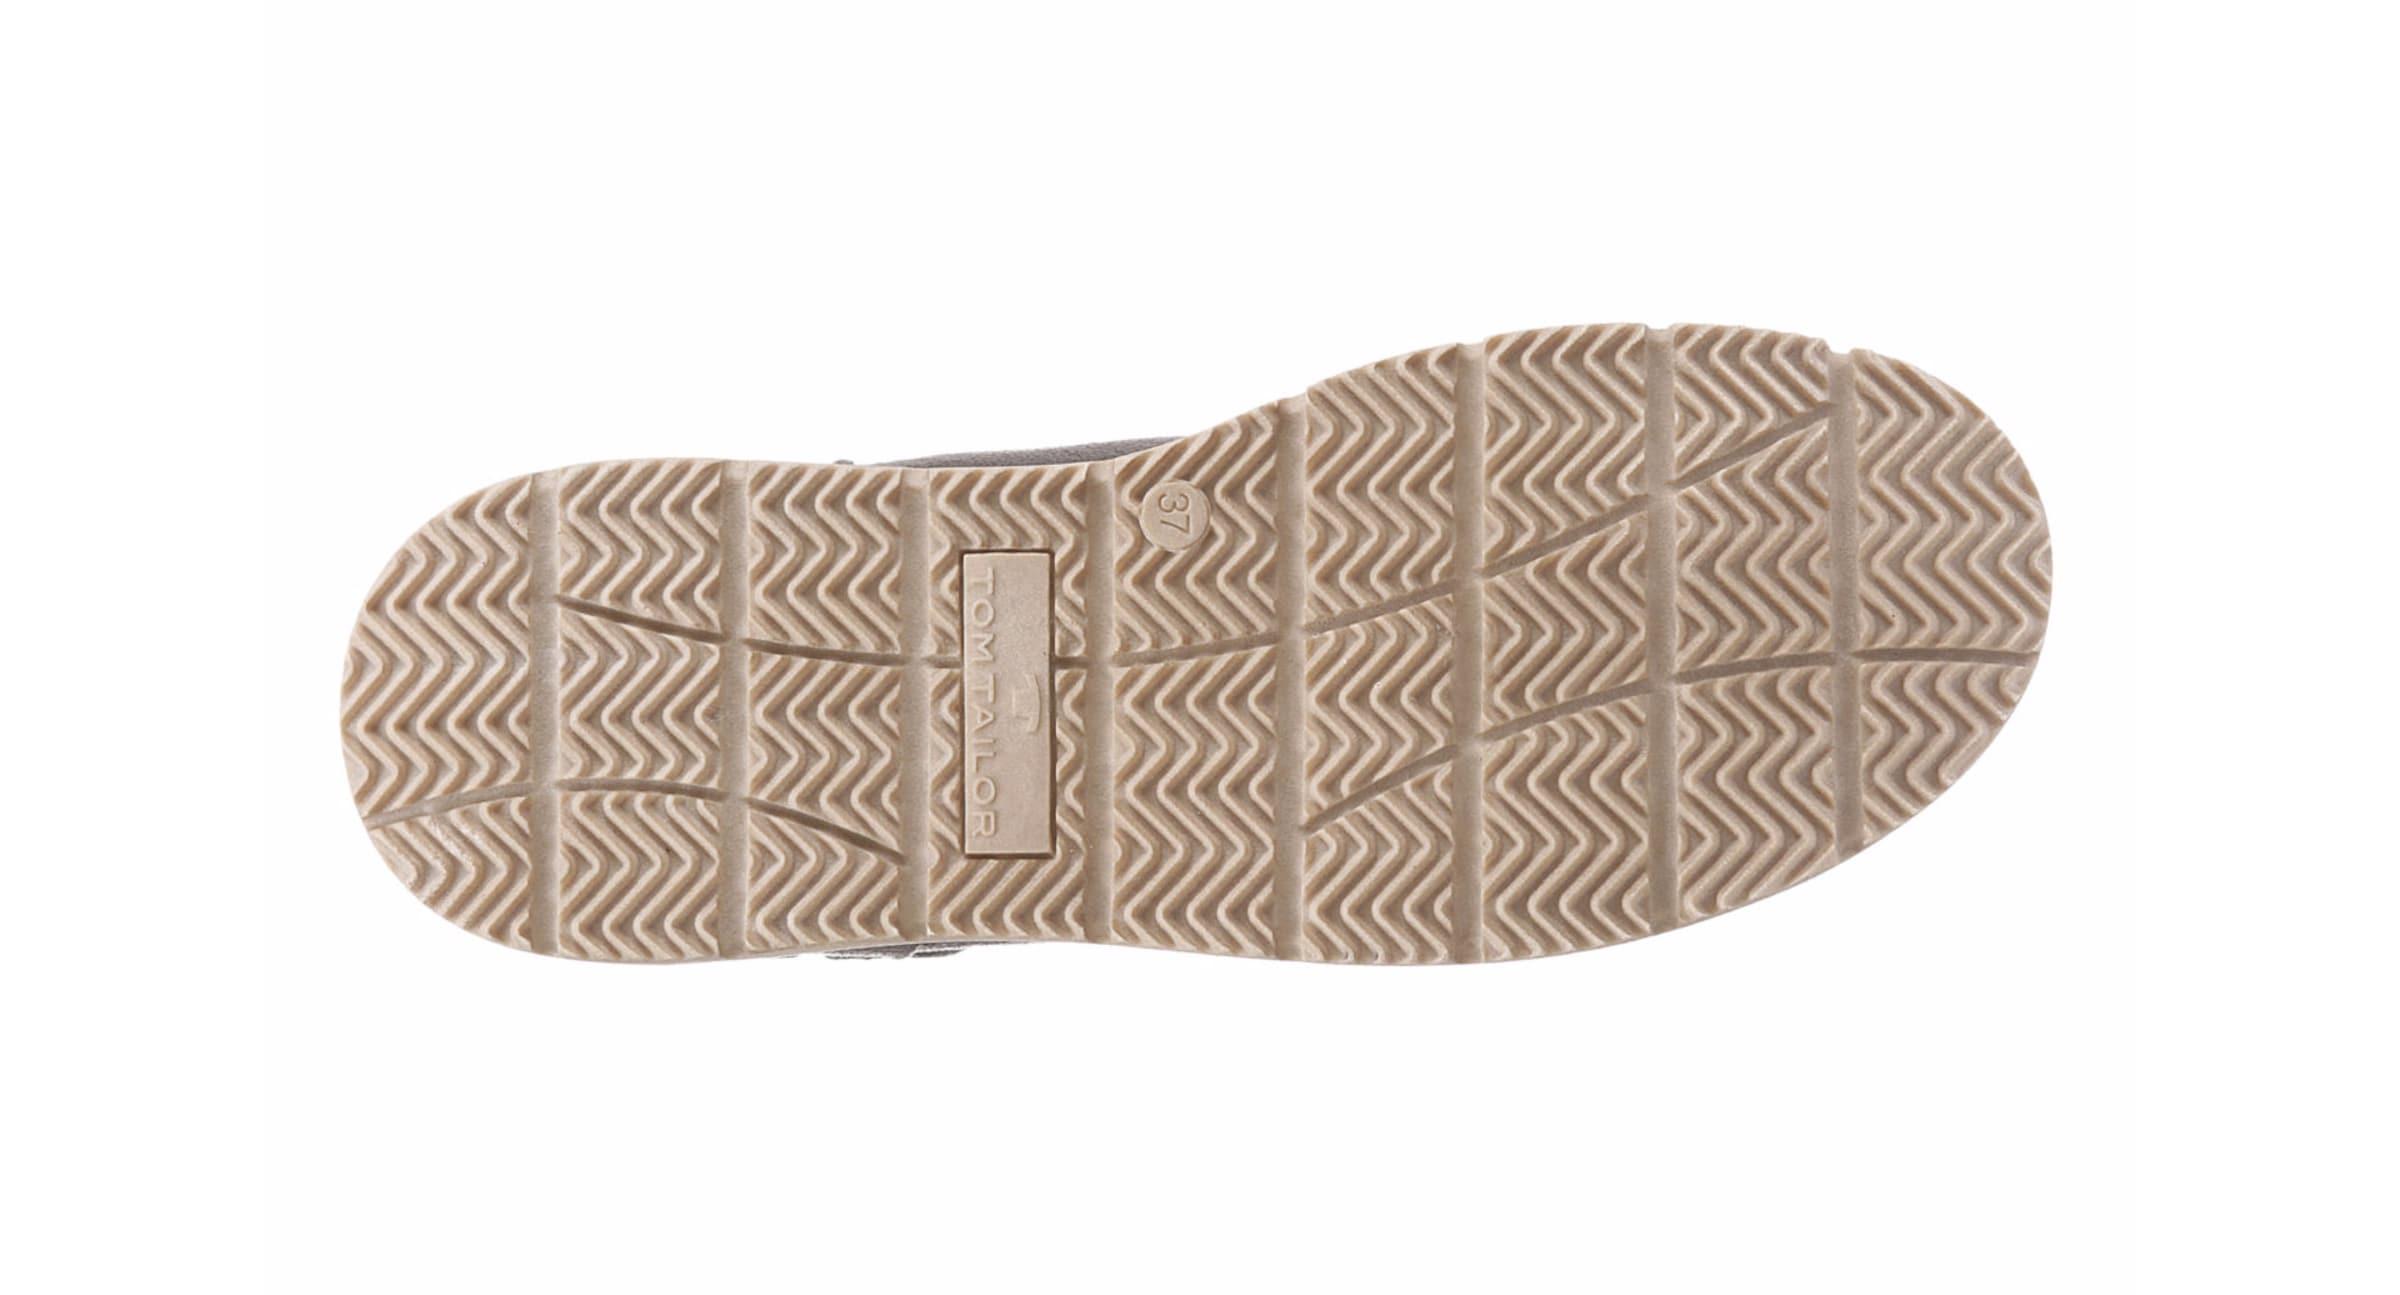 TOM TAILOR Boots Freies Verschiffen Sneakernews Billige Neuesten Kollektionen Viele Farben Günstig Kaufen Blick Footlocker Bilder 7db8faf